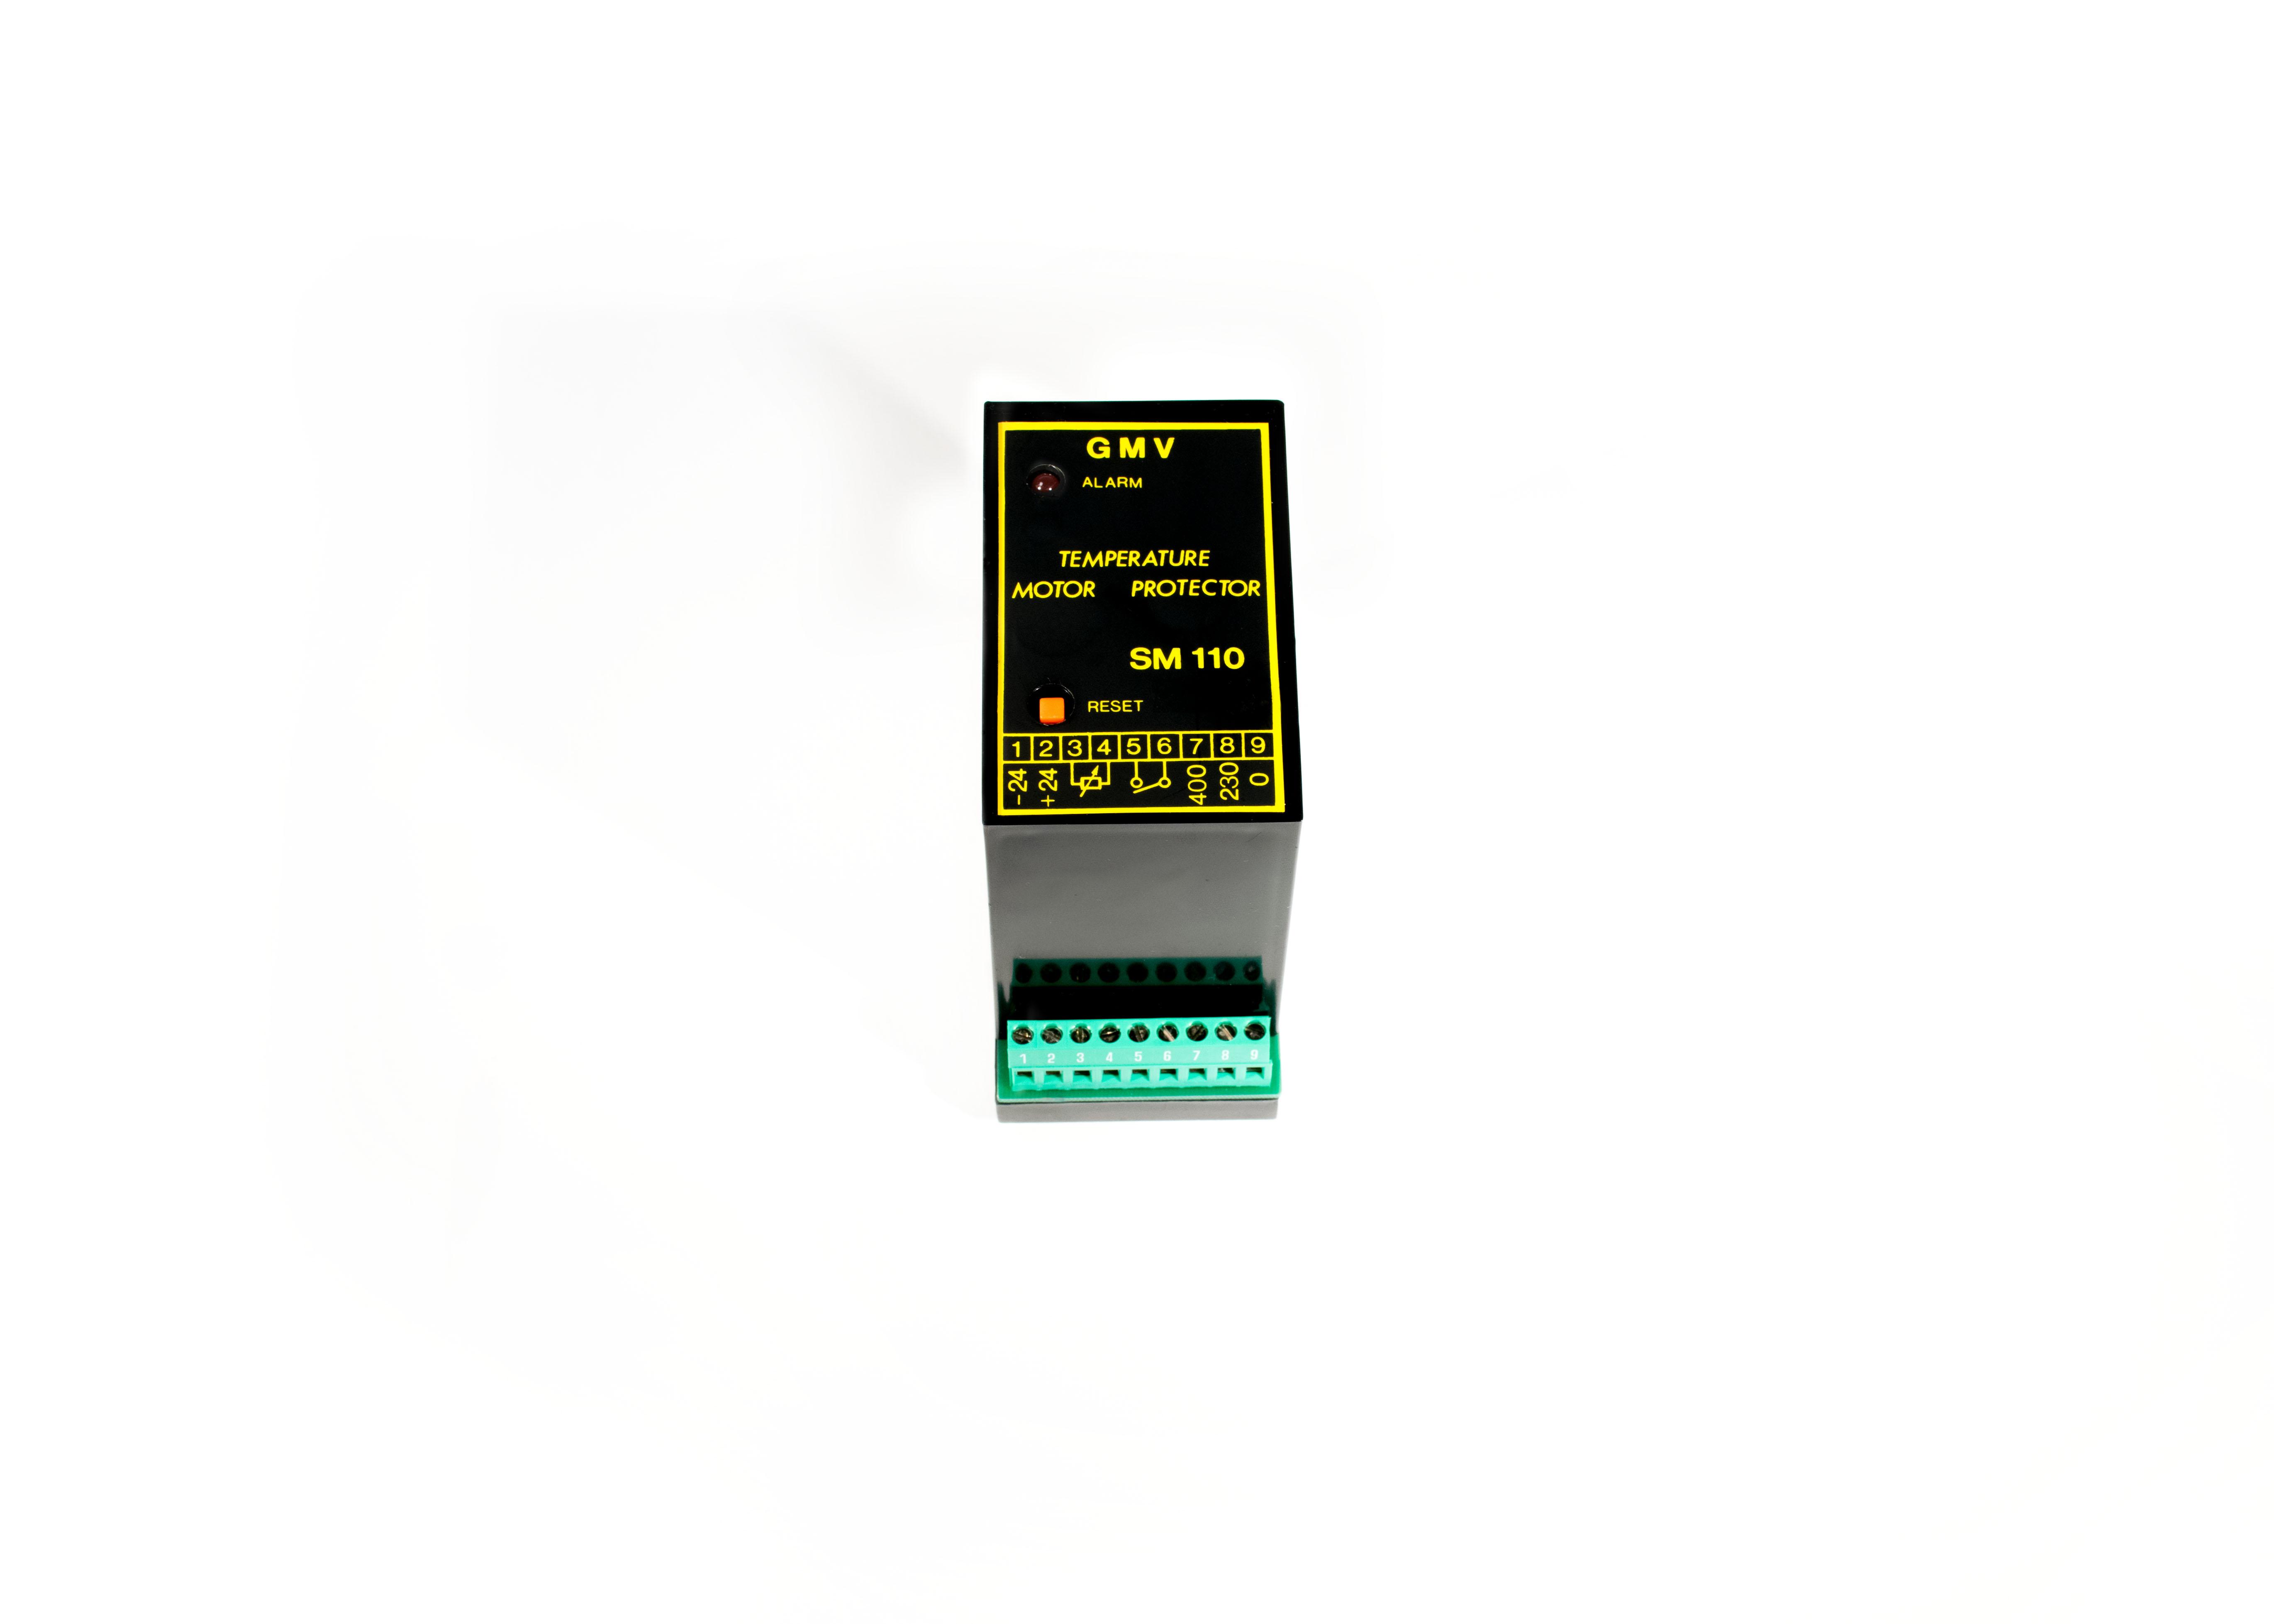 SM 110 Relay (208-230V) OLS# 638501 Image